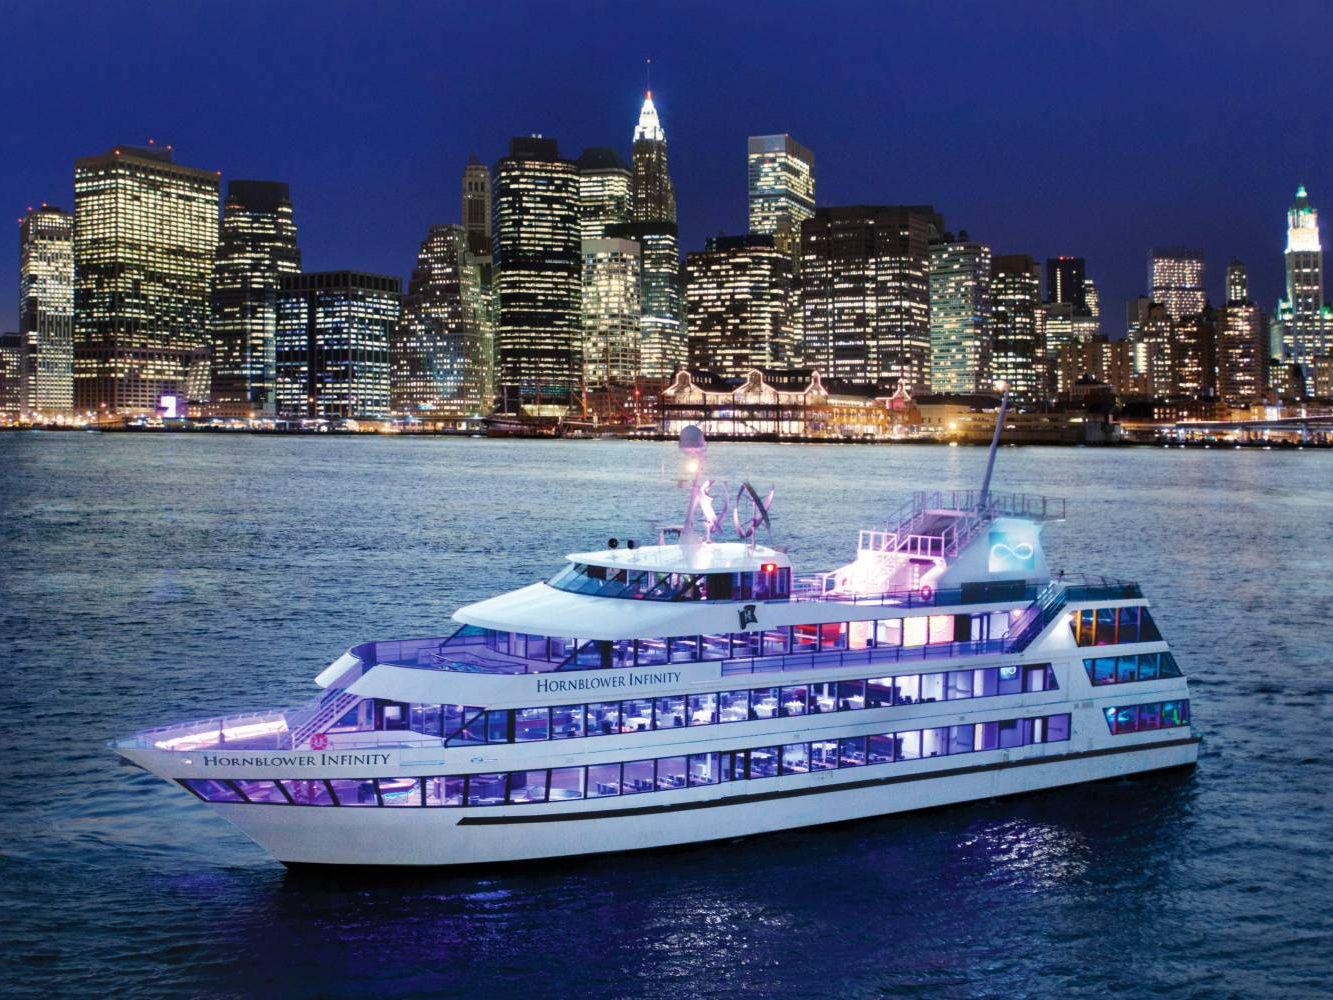 Hornblower Dinner Cruise